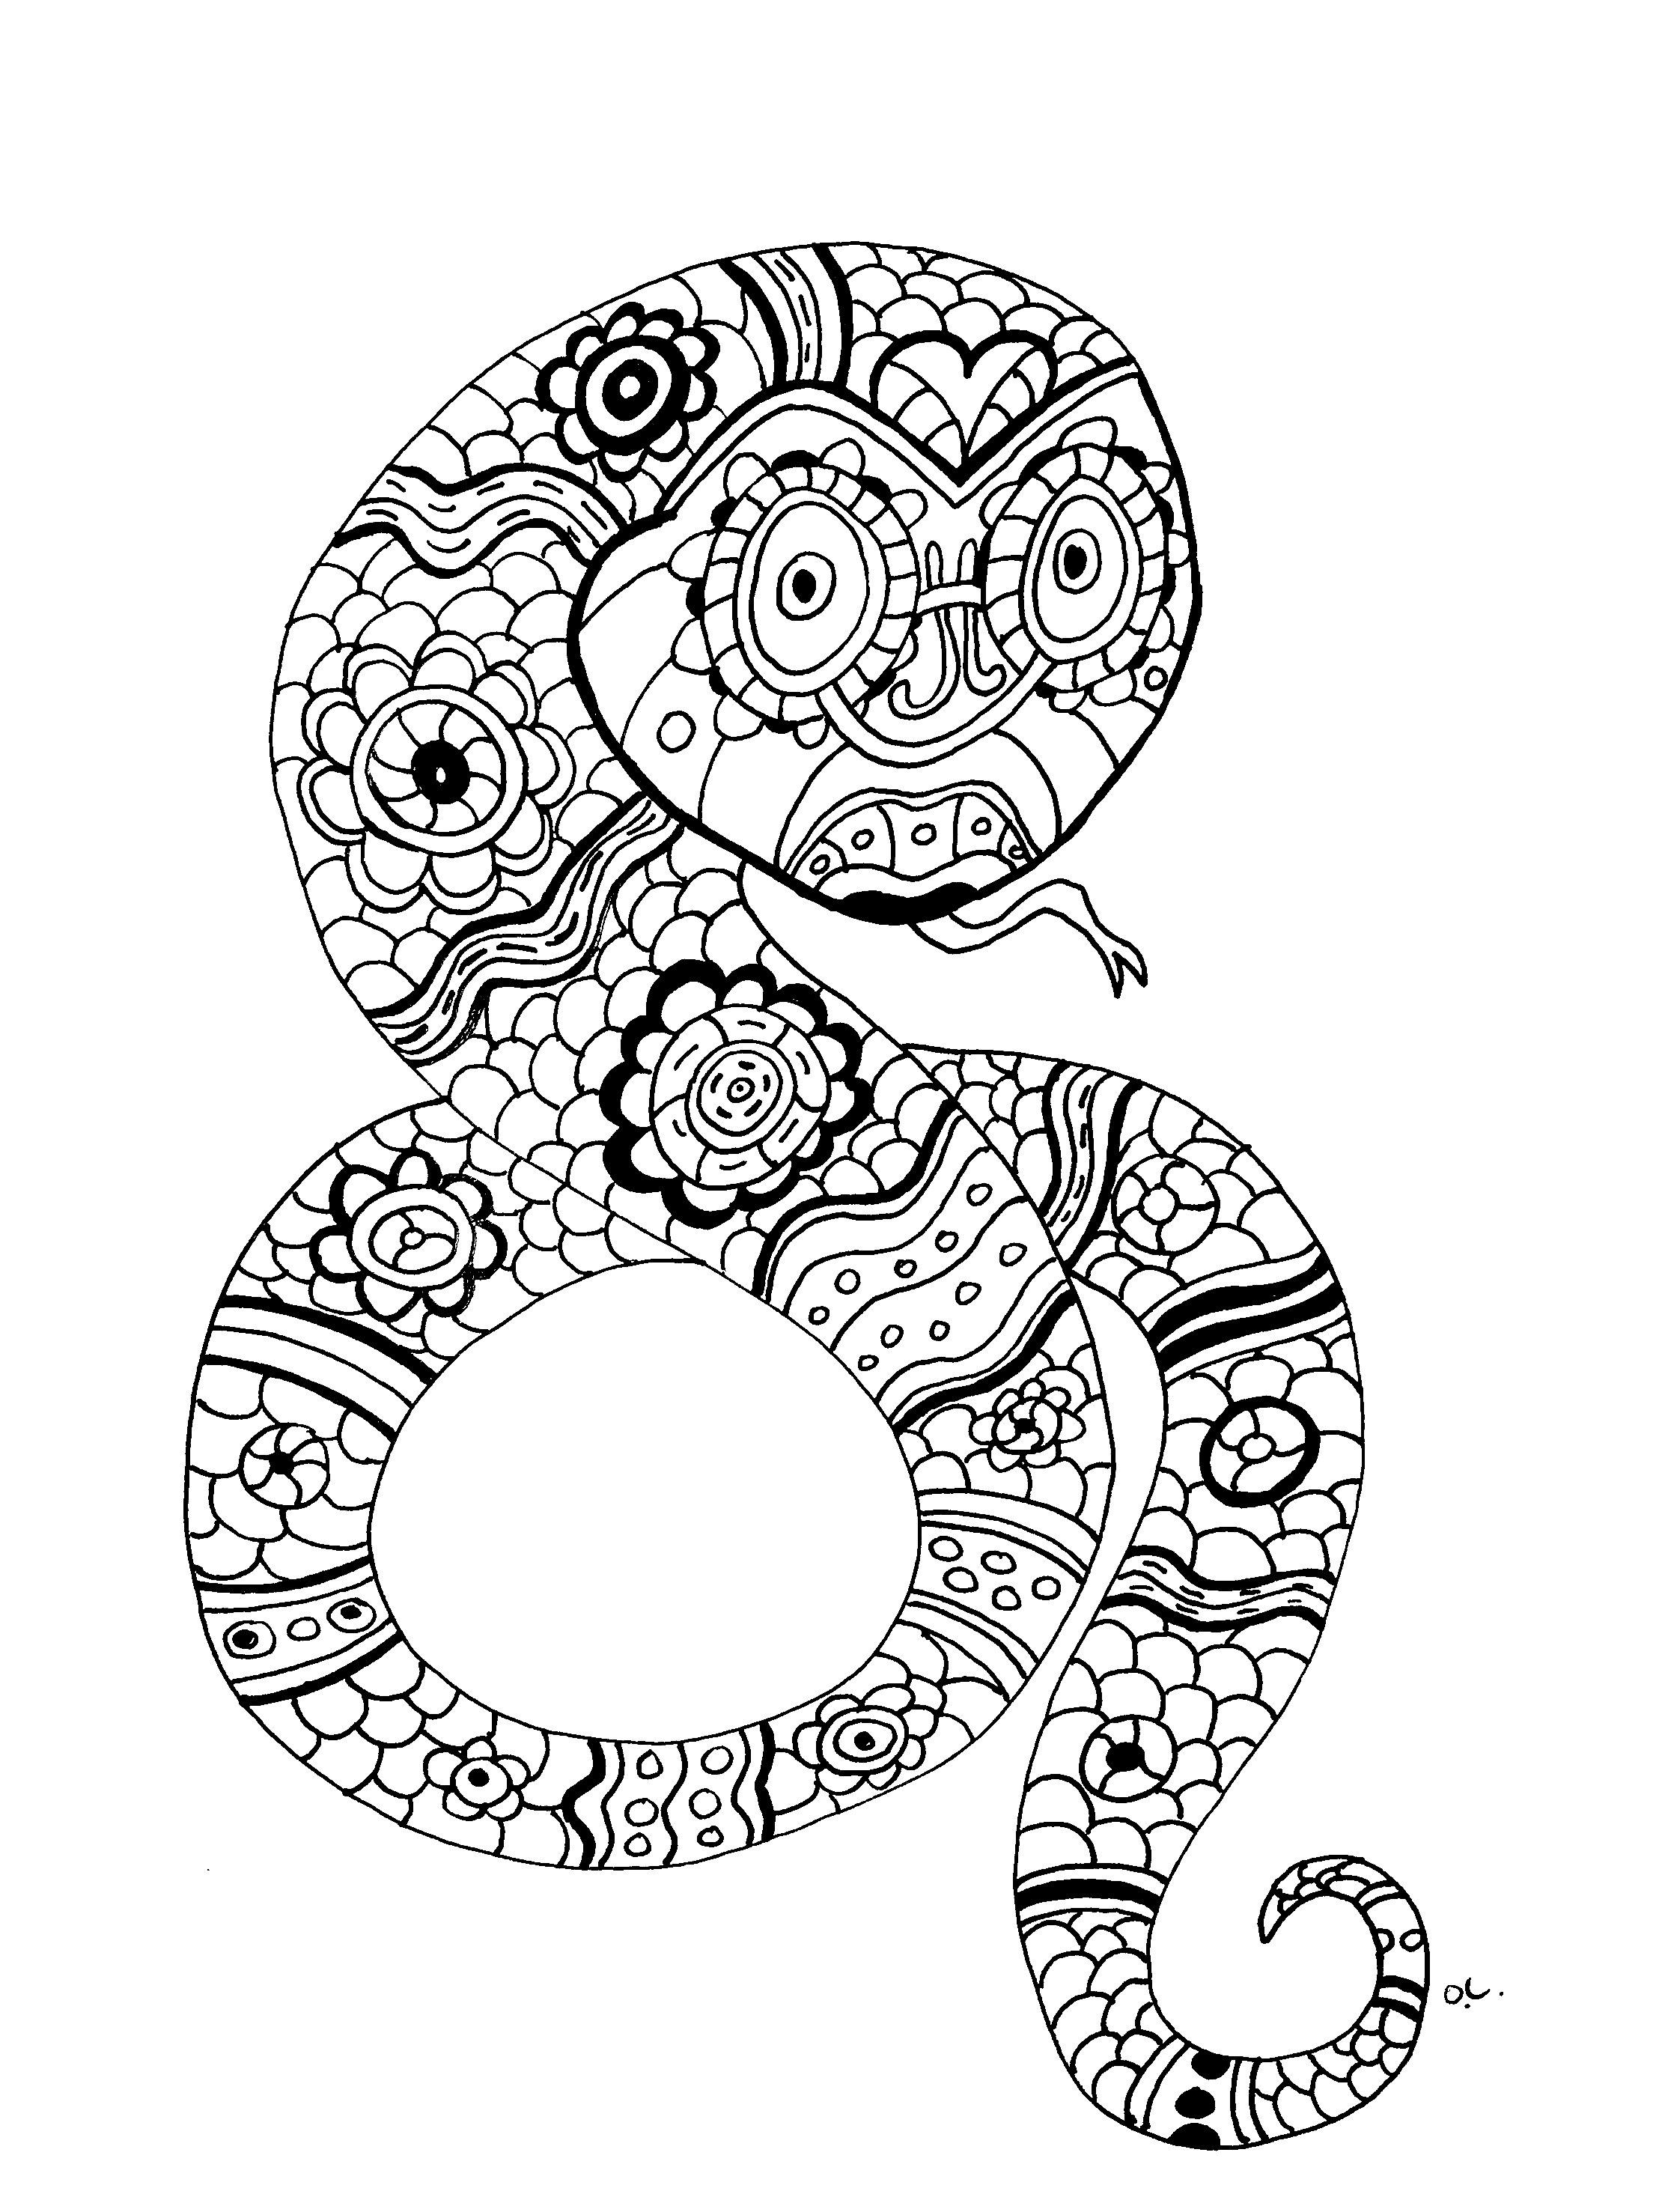 Colorear para adultos  : Serpientes - 5